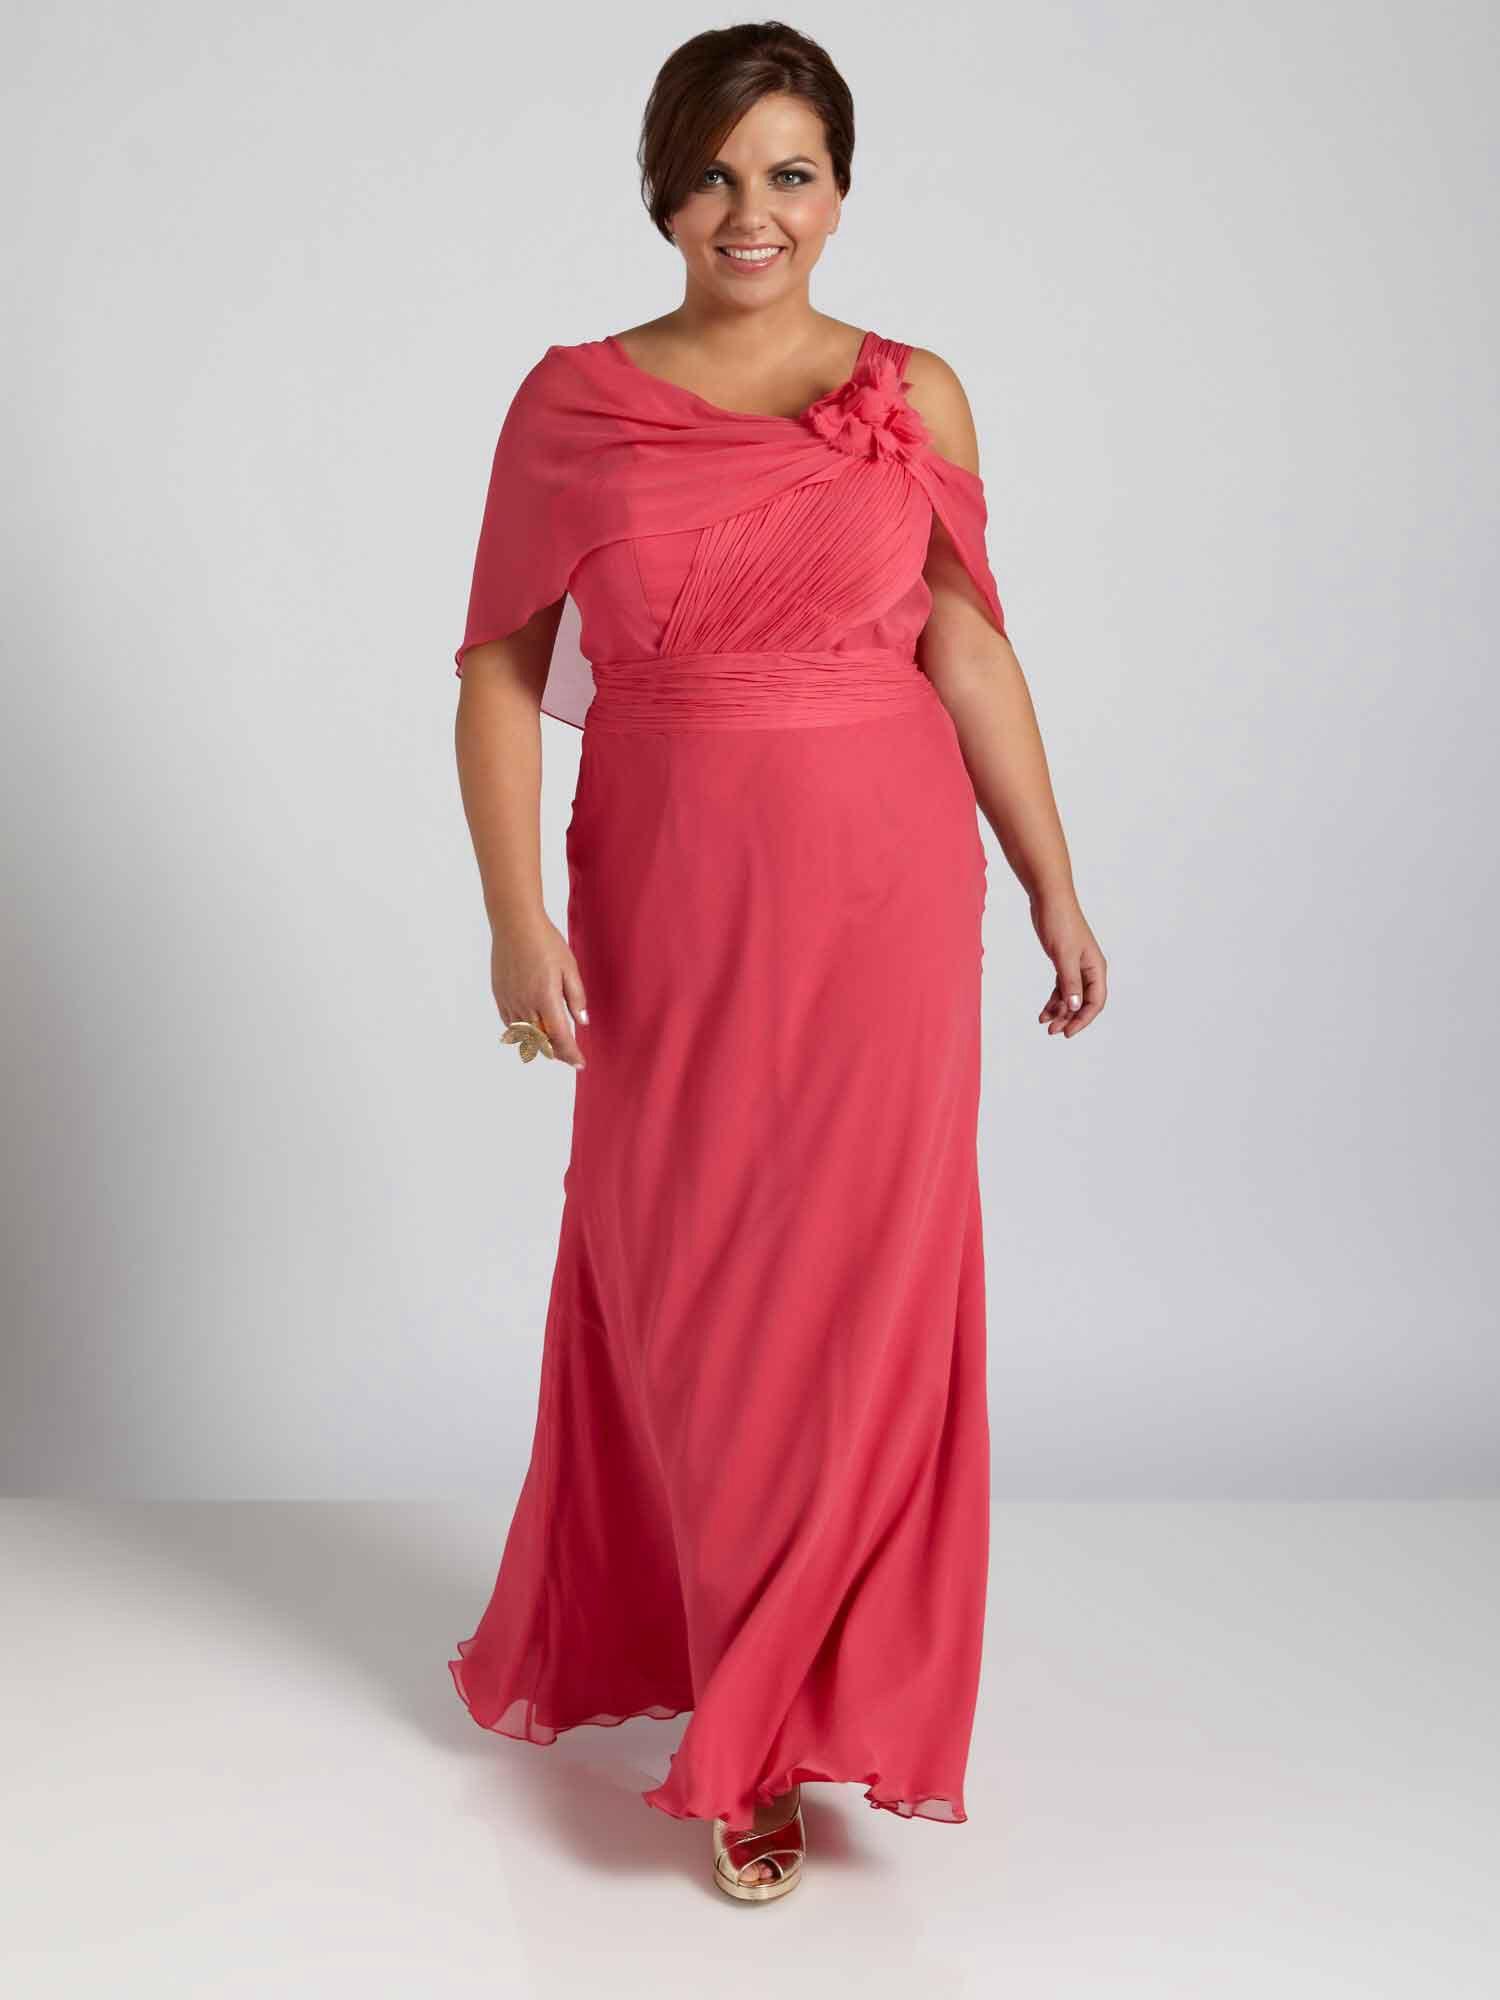 10 Erstaunlich Abendkleider Xxl Damen Vertrieb17 Kreativ Abendkleider Xxl Damen Boutique